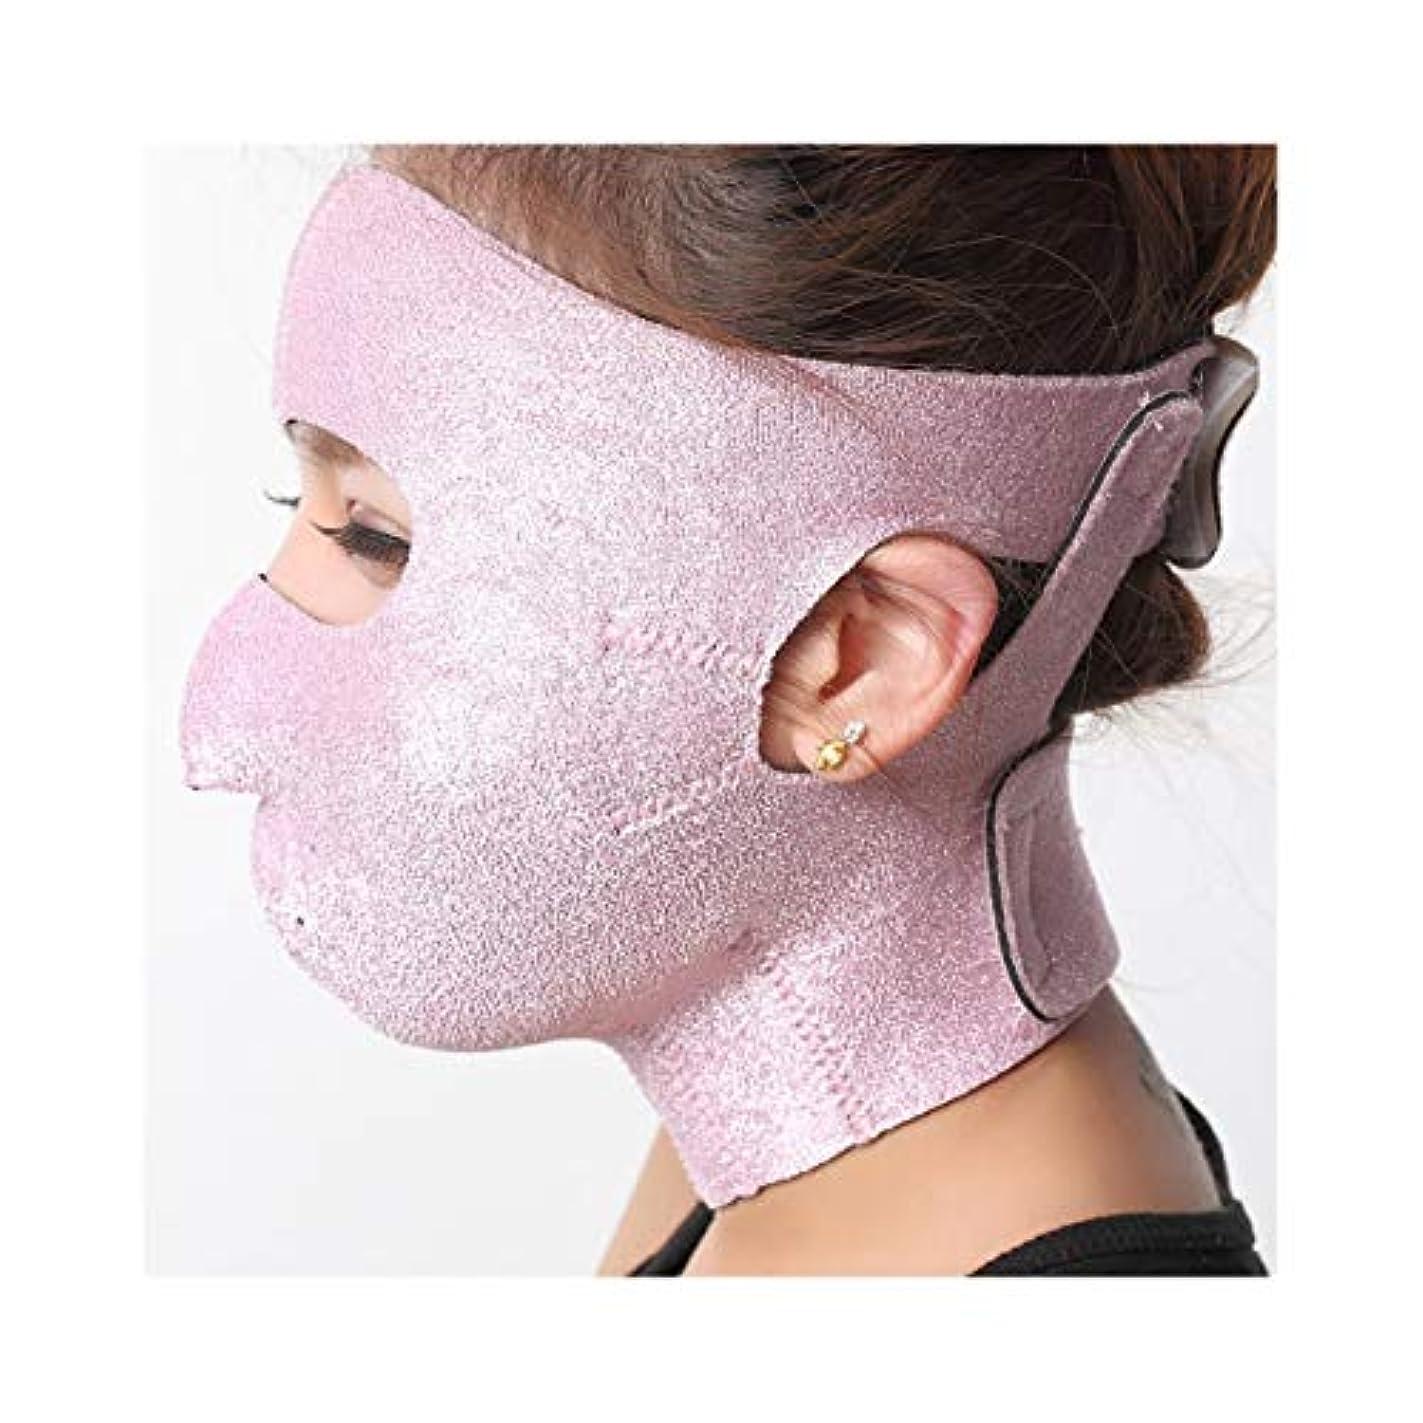 逆薬復活するXHLMRMJ 引き締めフェイスマスク、小さなVフェイスアーティファクト睡眠薄いフェイス包帯マスクリフティングマスク引き締めクリームフェイスリフトフェイスメロンフェイス楽器